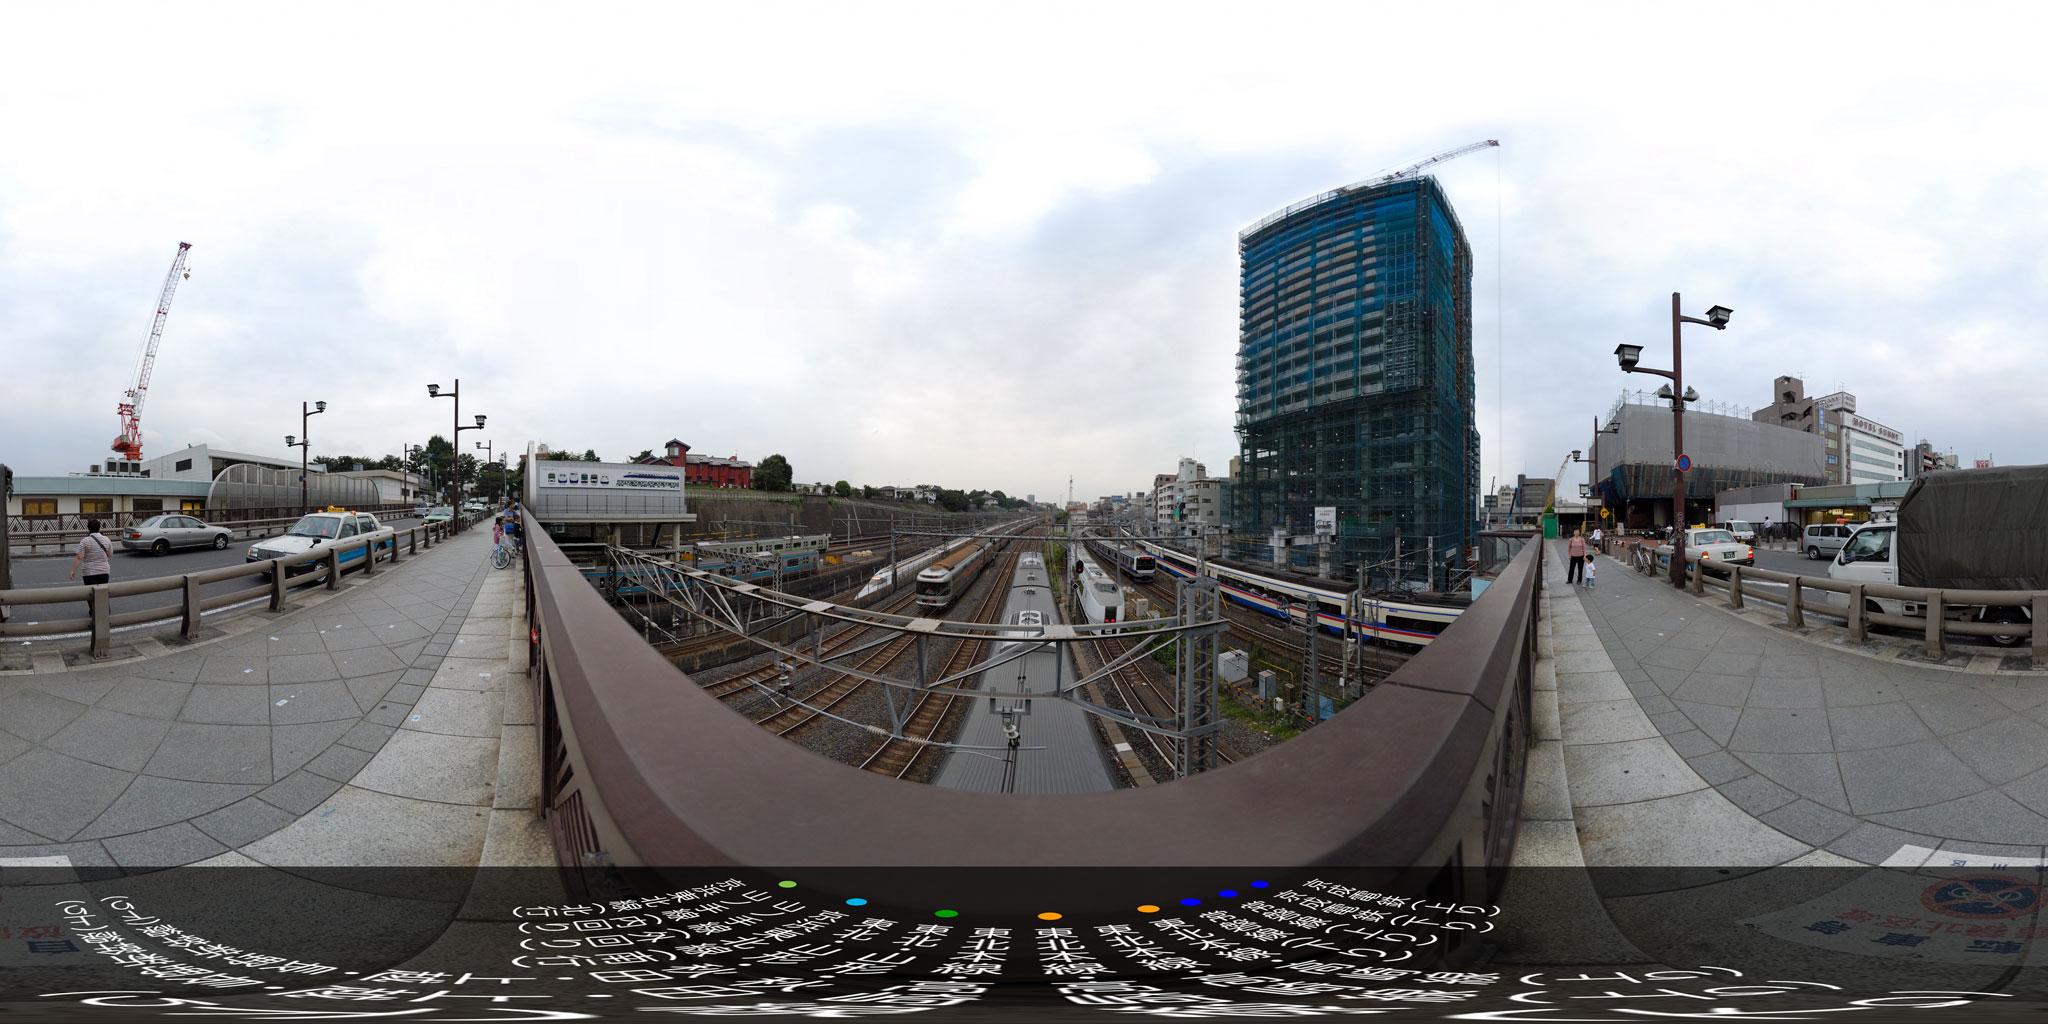 トレイン・ミュージアムとも呼ばれる下御隠殿橋